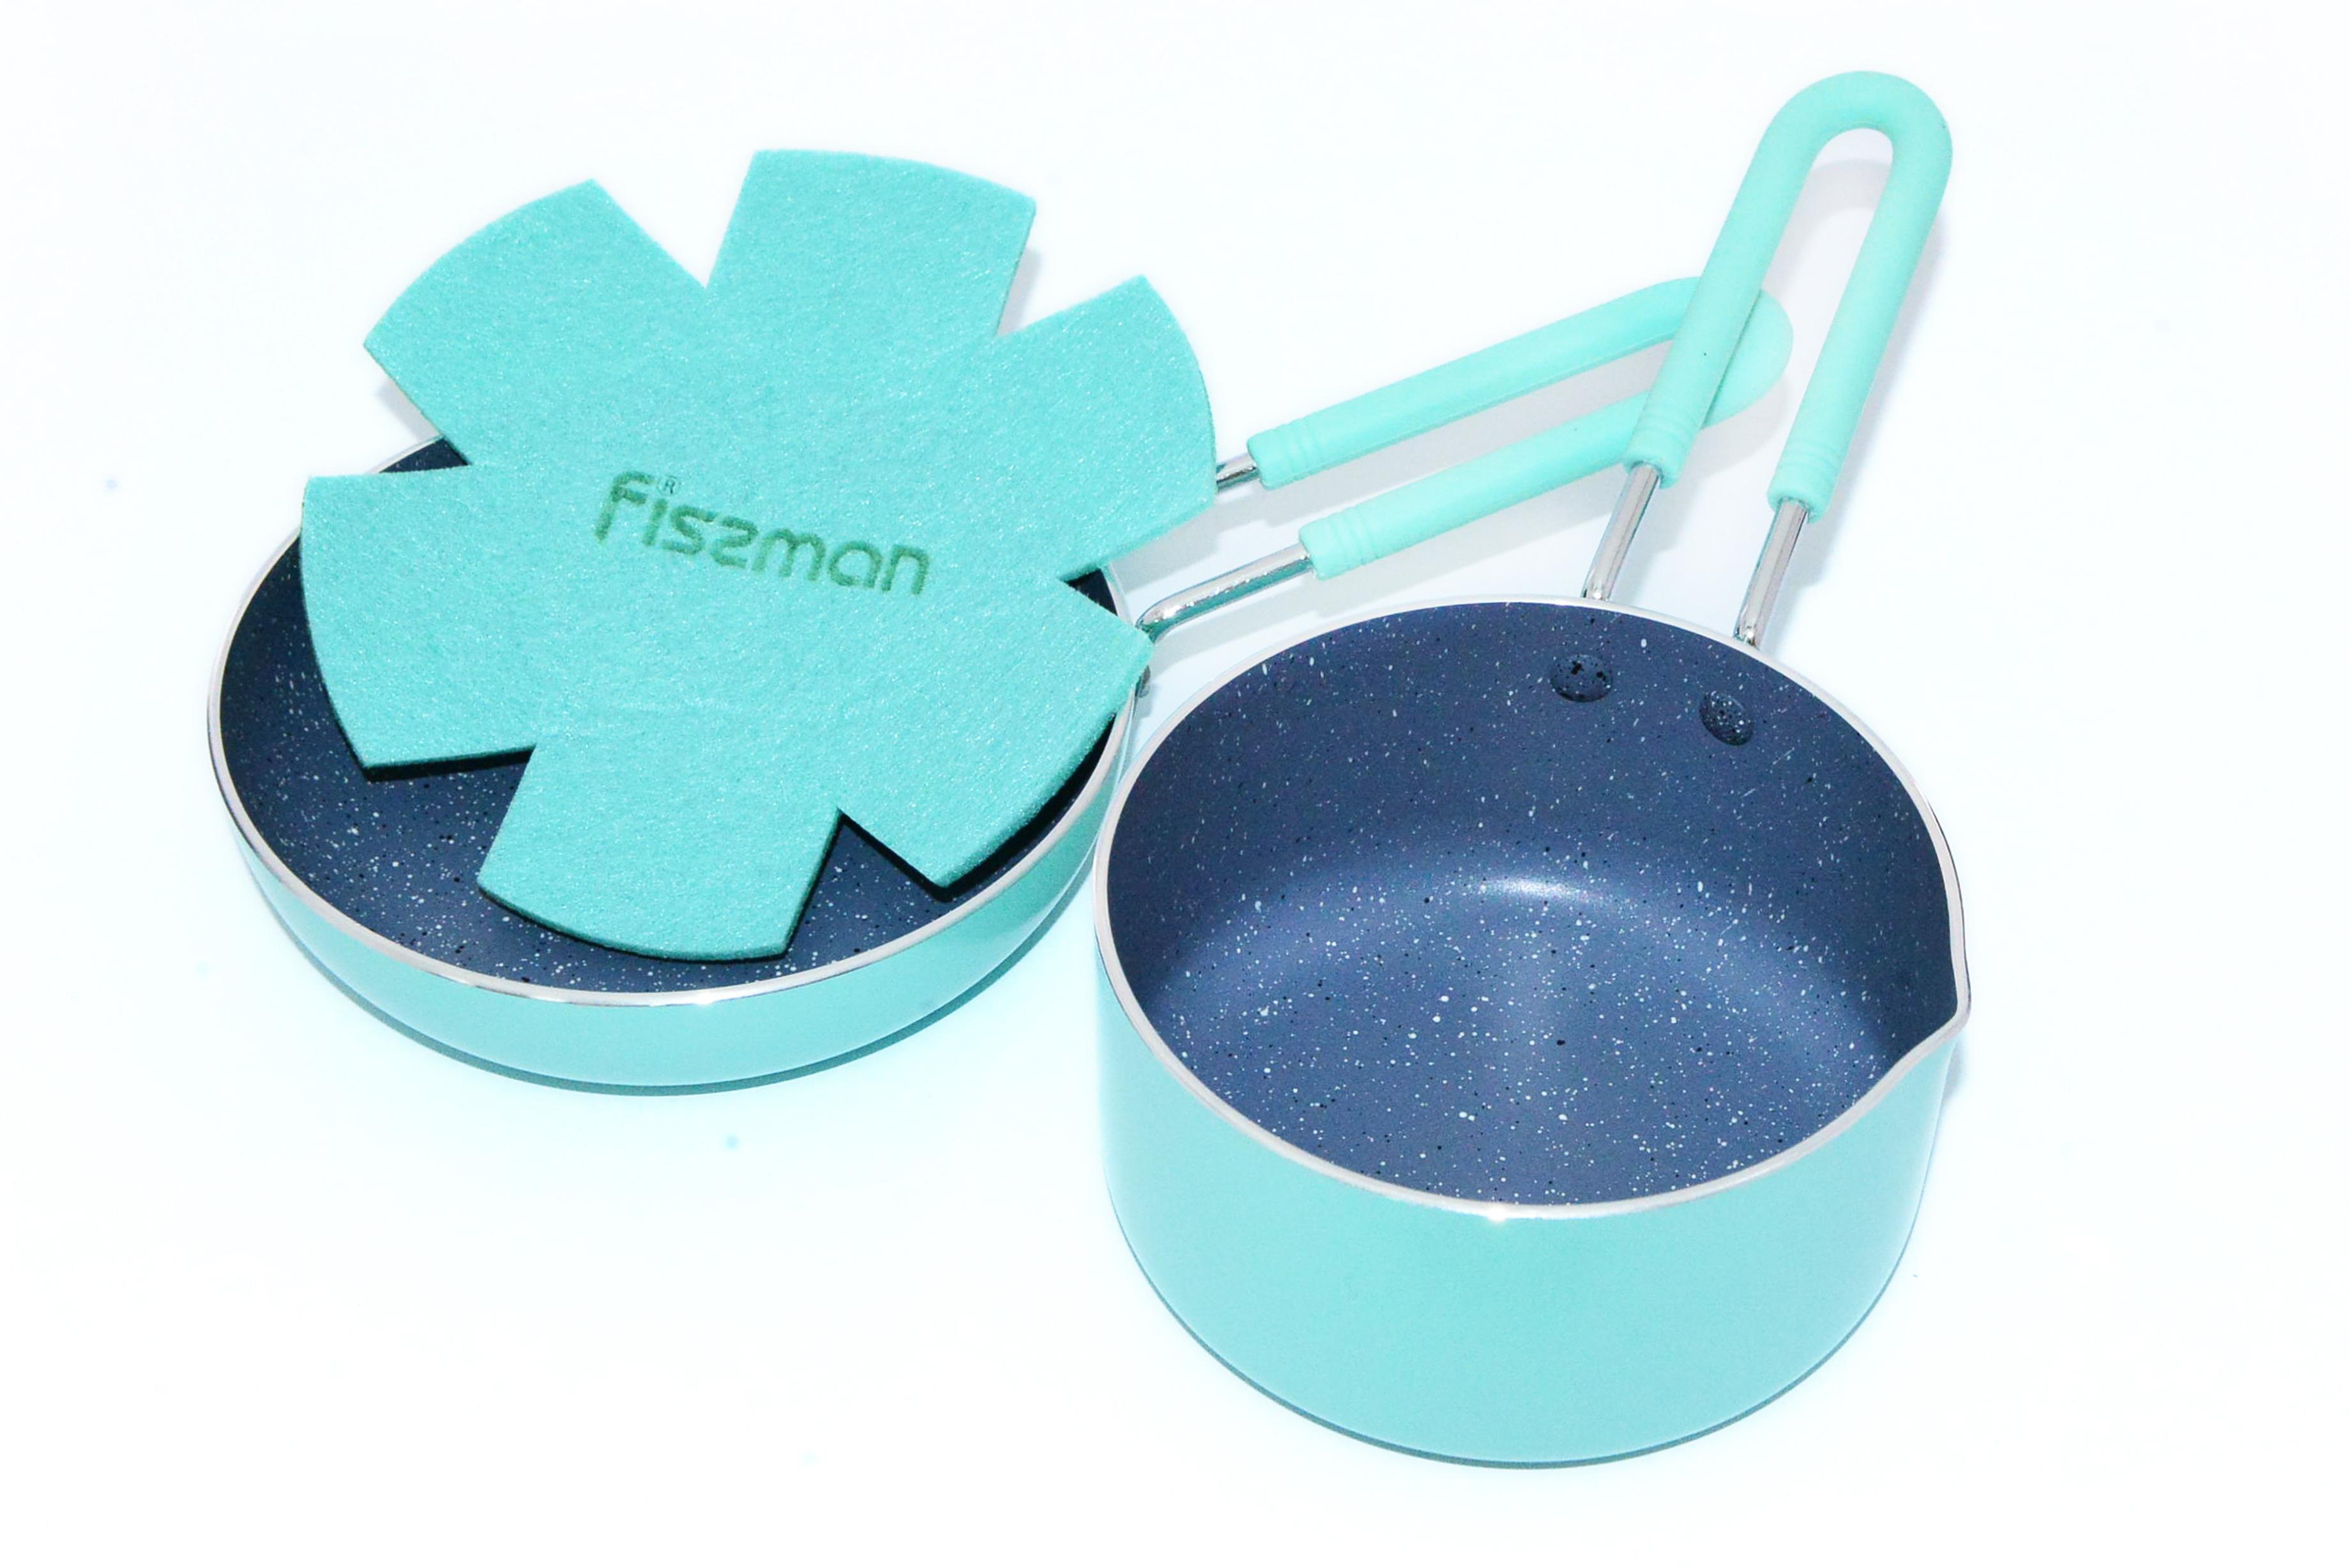 Набор посуды Fissman Petite, с антипригарным покрытием, цвет: бирюзовый, 2 предметаAL-4866.12141 слой улучшает сцепление покрытия с металлом, 2 слой – грунтовый, 3 слой - высокопрочное антипригарное покрытие, усиленное натуральной каменной крошкой на основе минеральных компонентов, 4 дополнительный антипригарный слой с керамическими частицами. Высота стенок: 3,5 см.